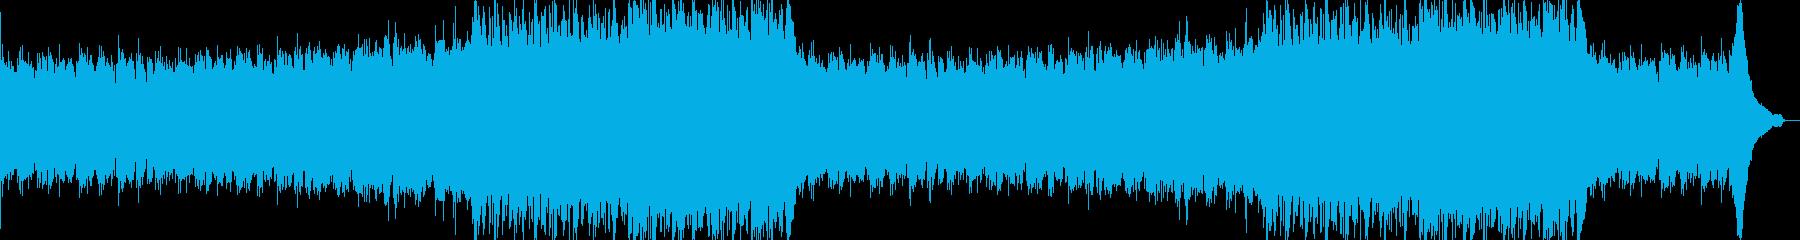 企業VPや映像59、オーケストラ、壮大aの再生済みの波形